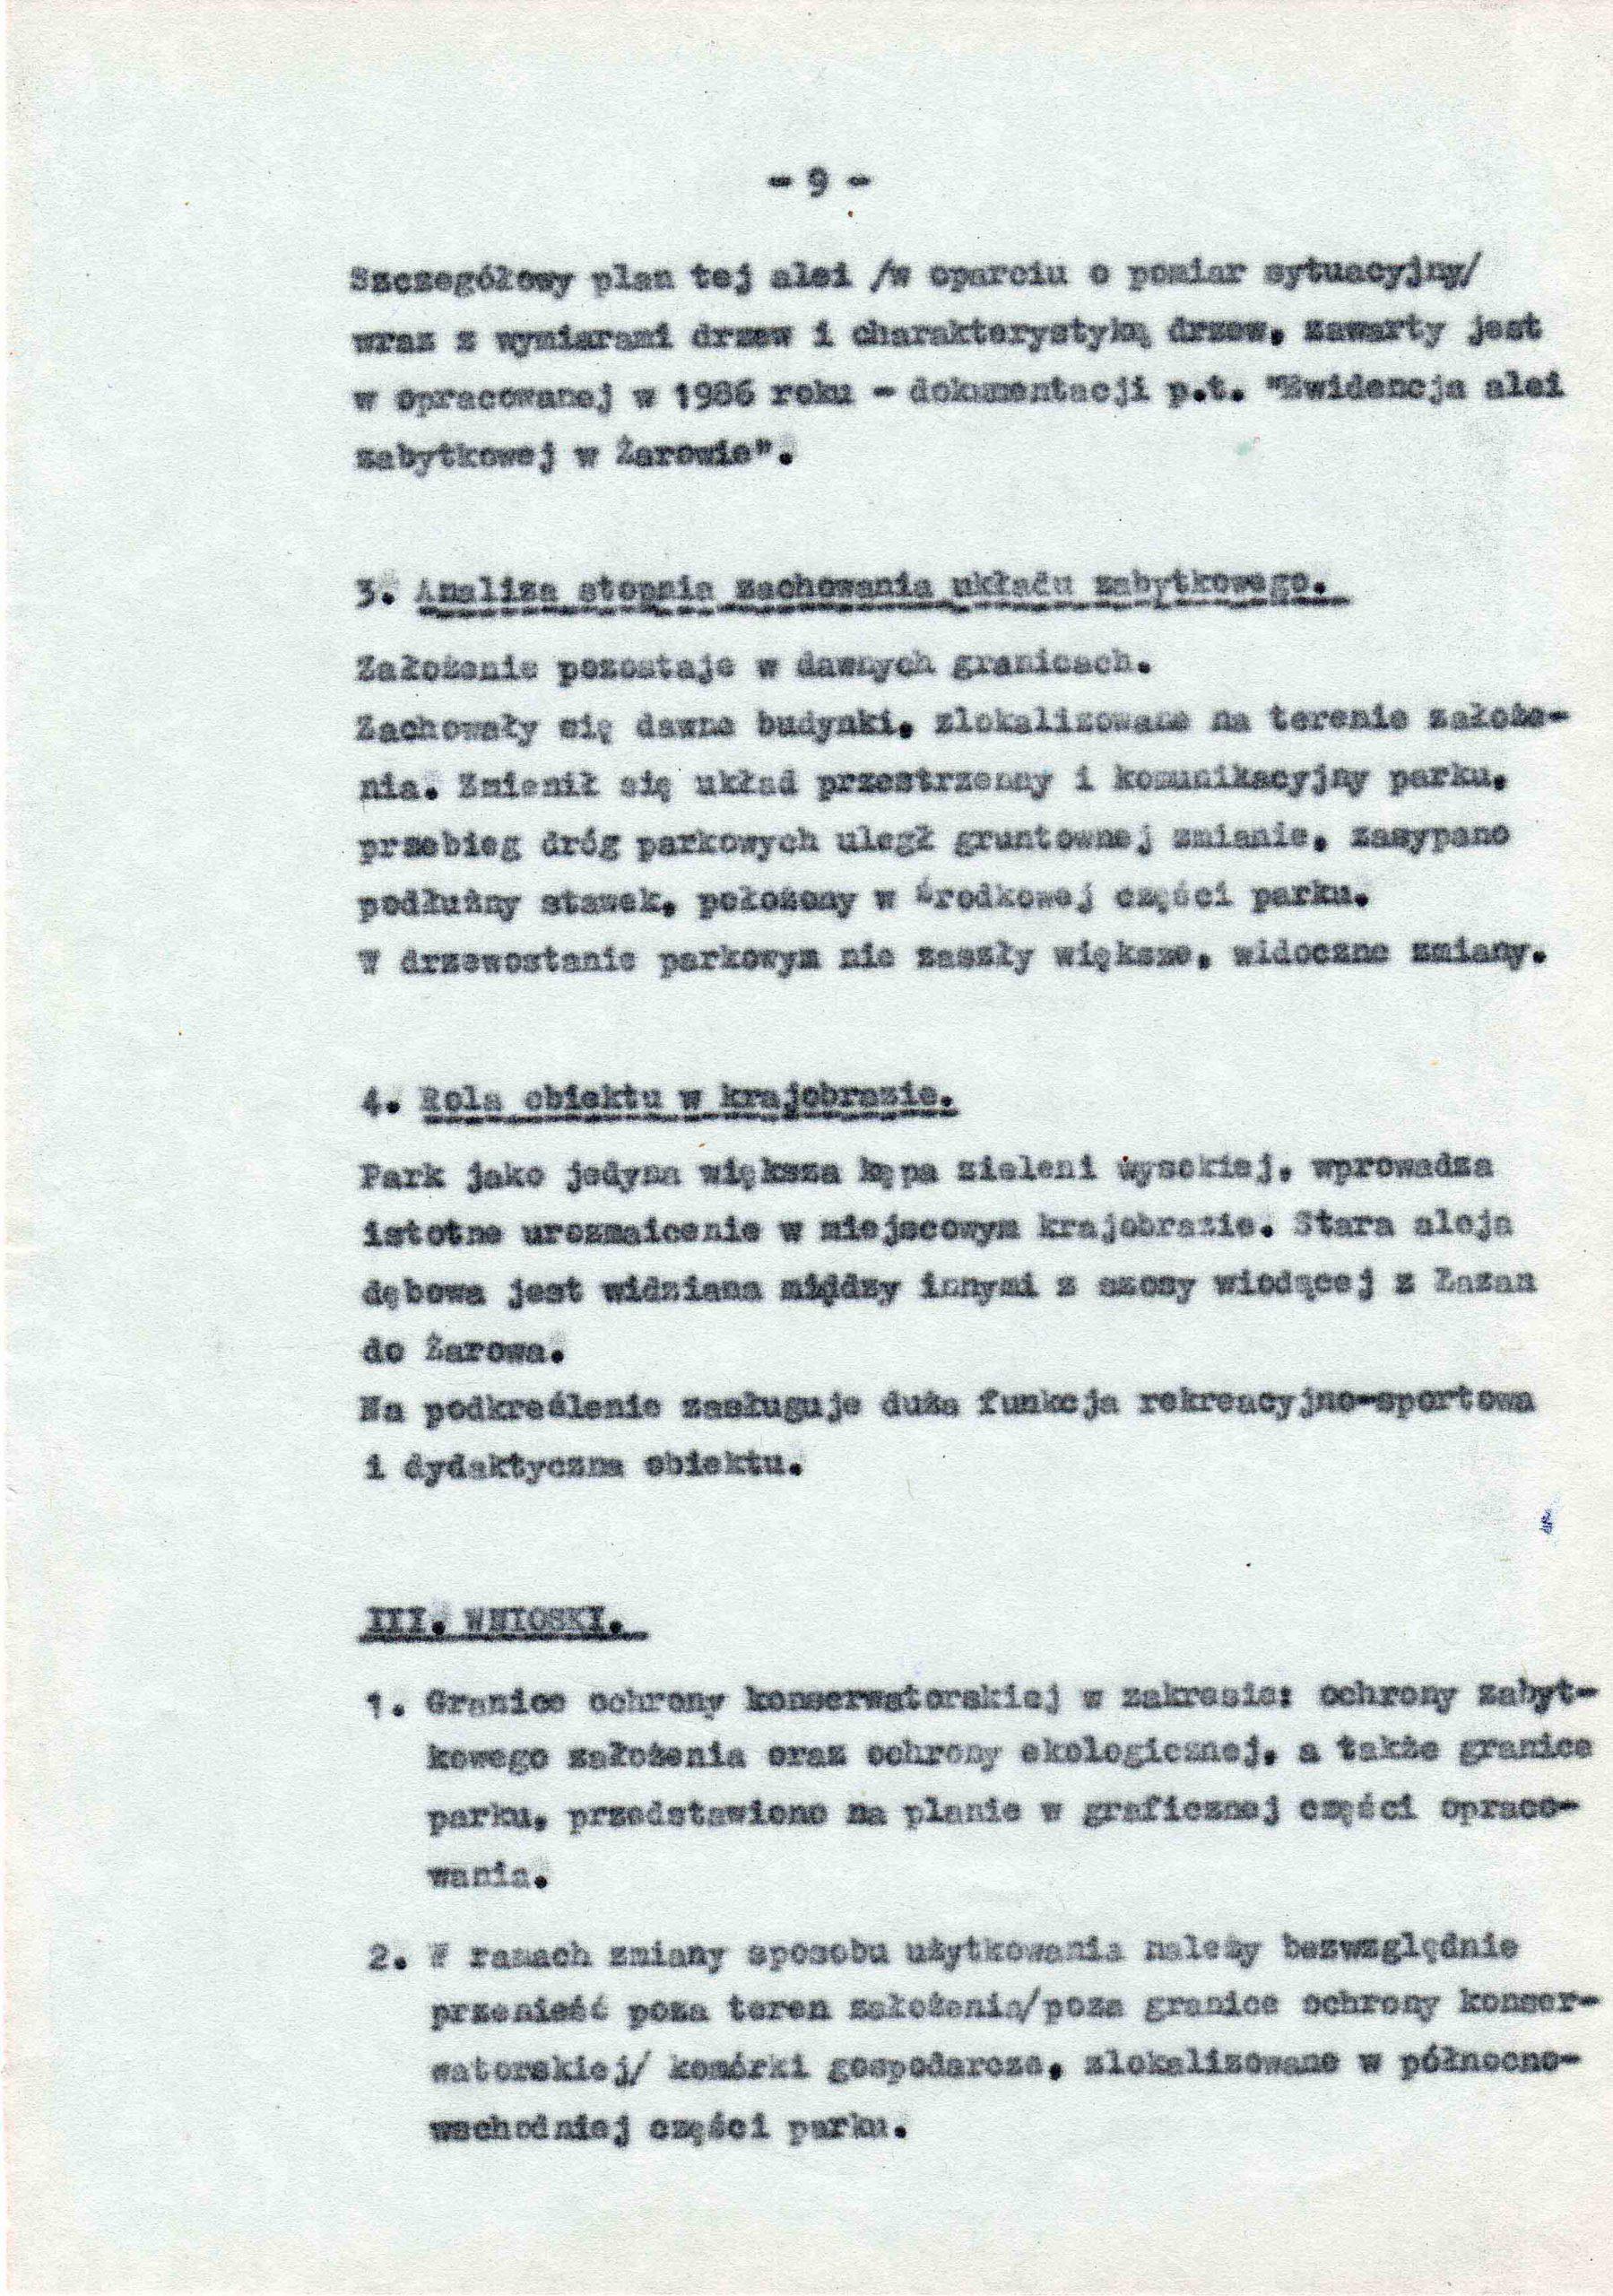 Ewidencja założenia ogrodowo-parkowego 1987 dokument (13)